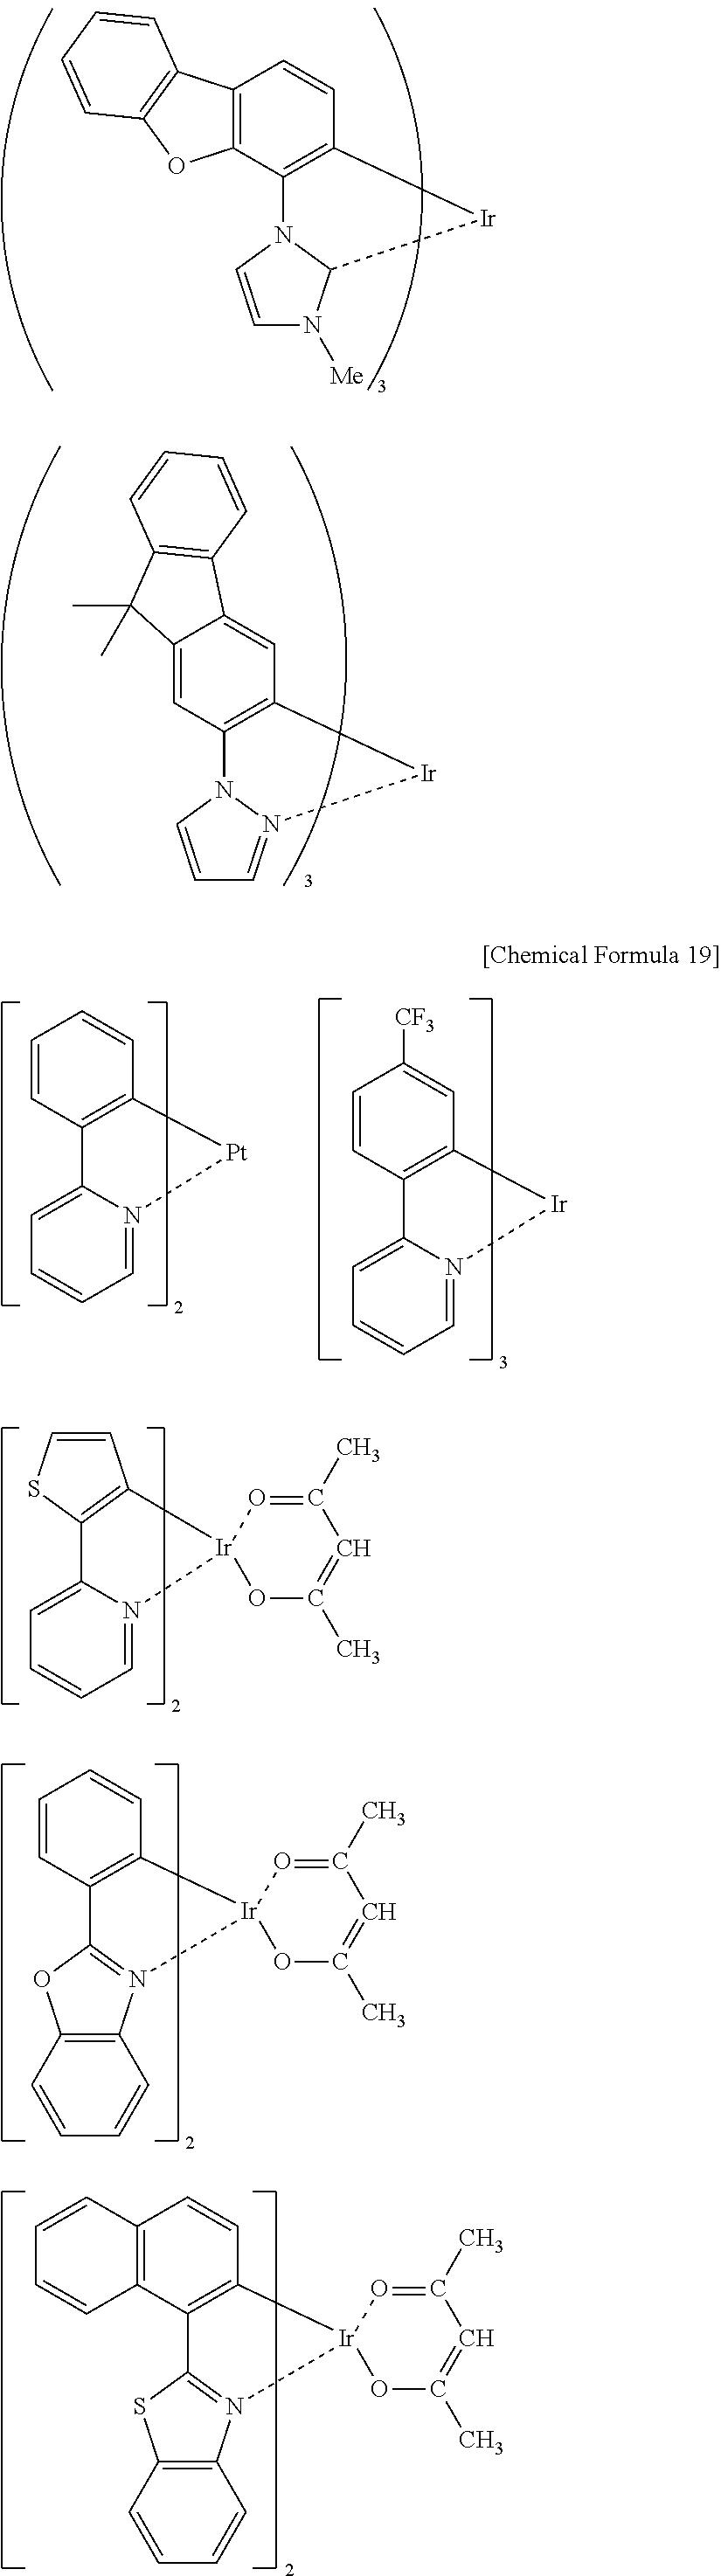 Figure US08568903-20131029-C00041